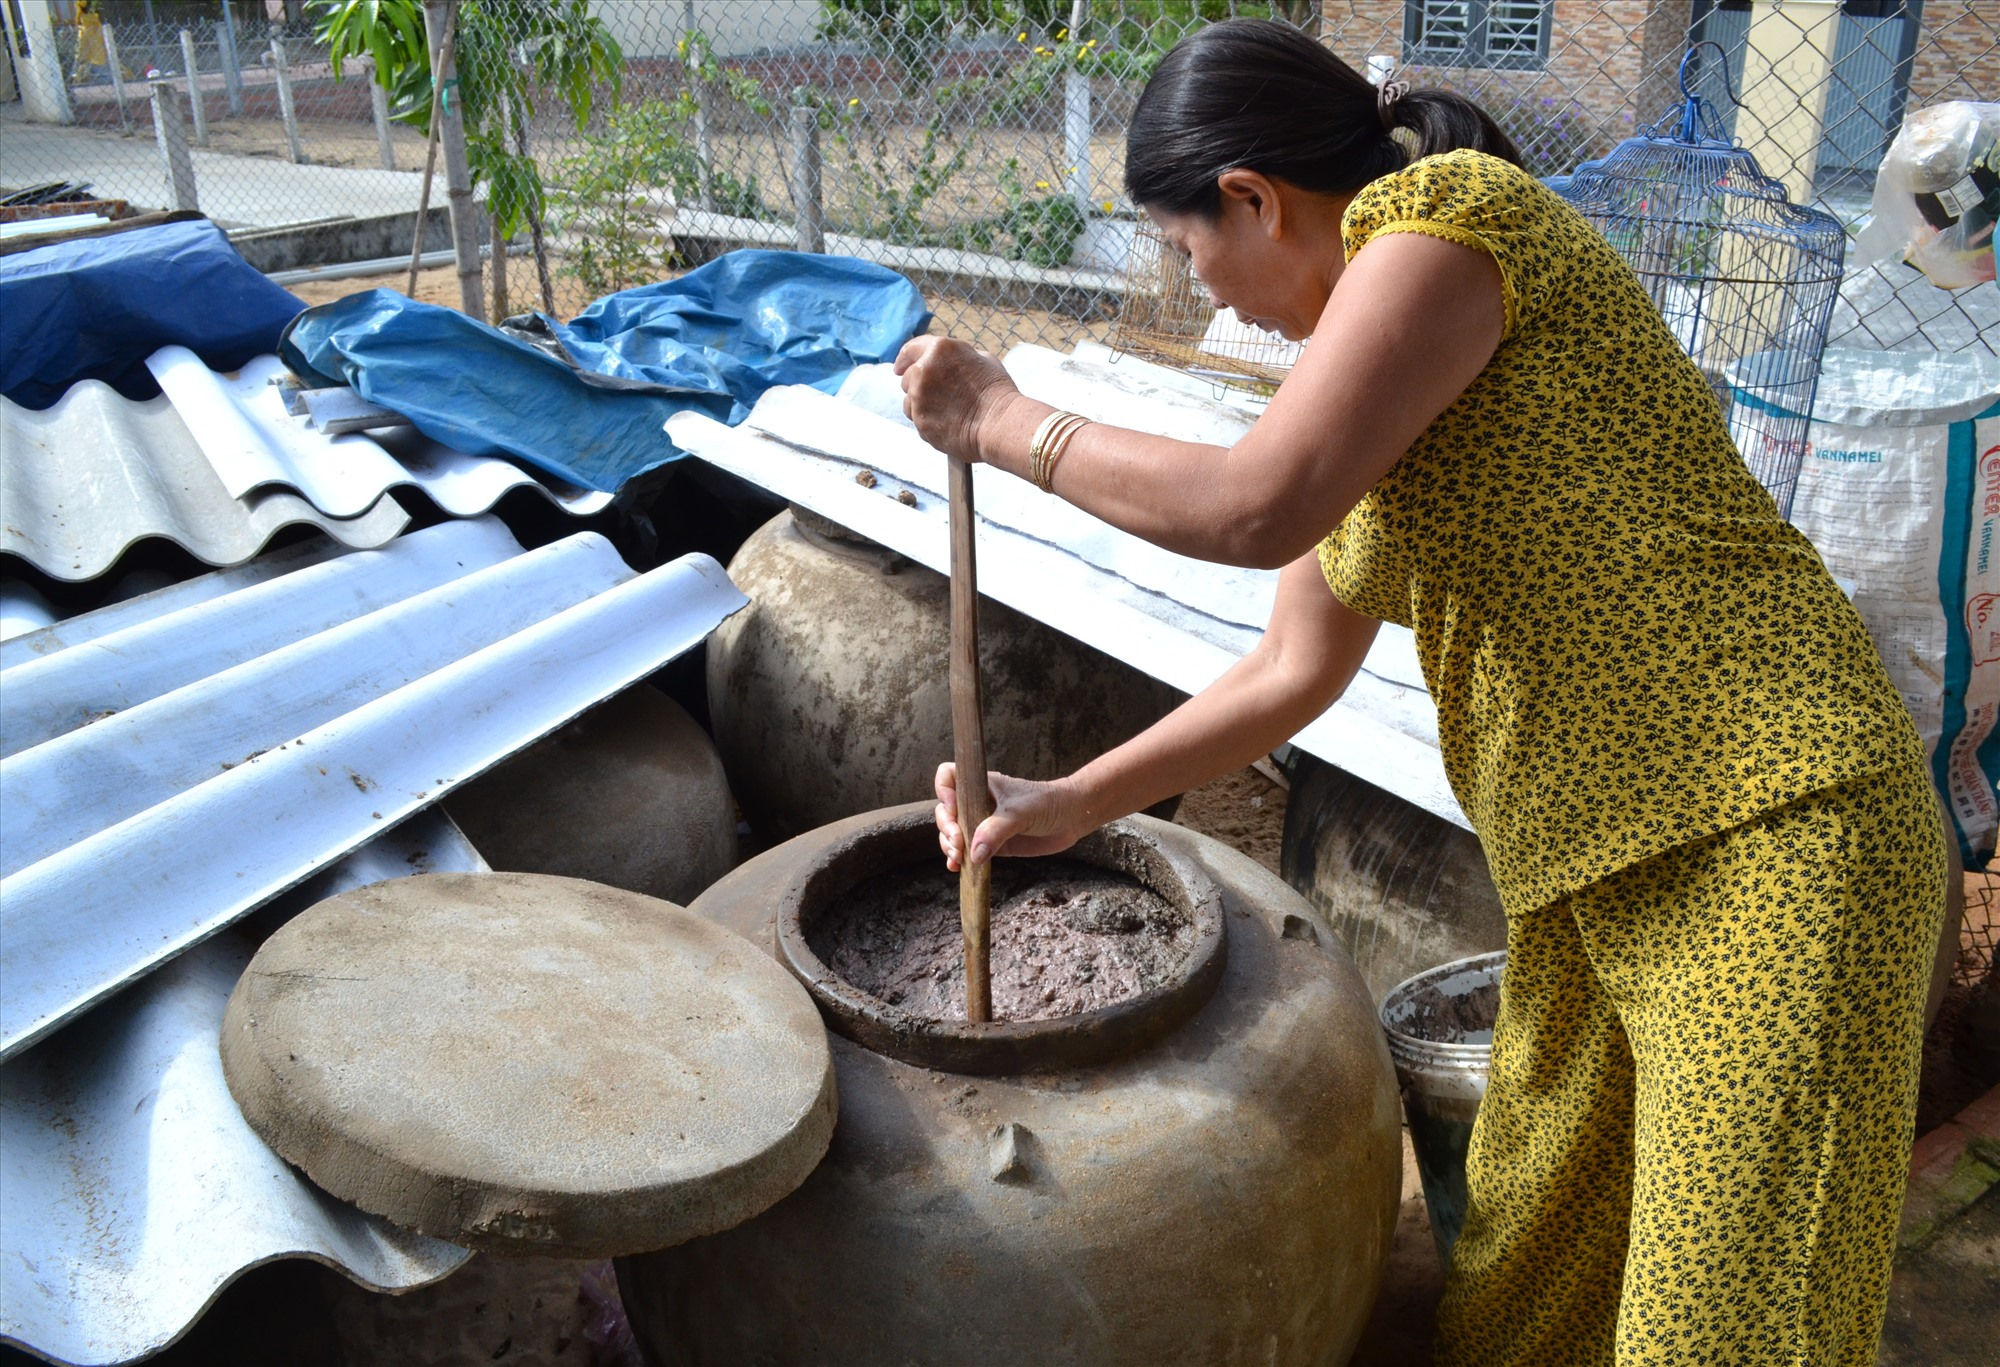 Sản xuất mắm truyền thống gặp khó do thiếu nguồn nguyên liệu cá cơm. Ảnh: VIỆT NGUYỄN